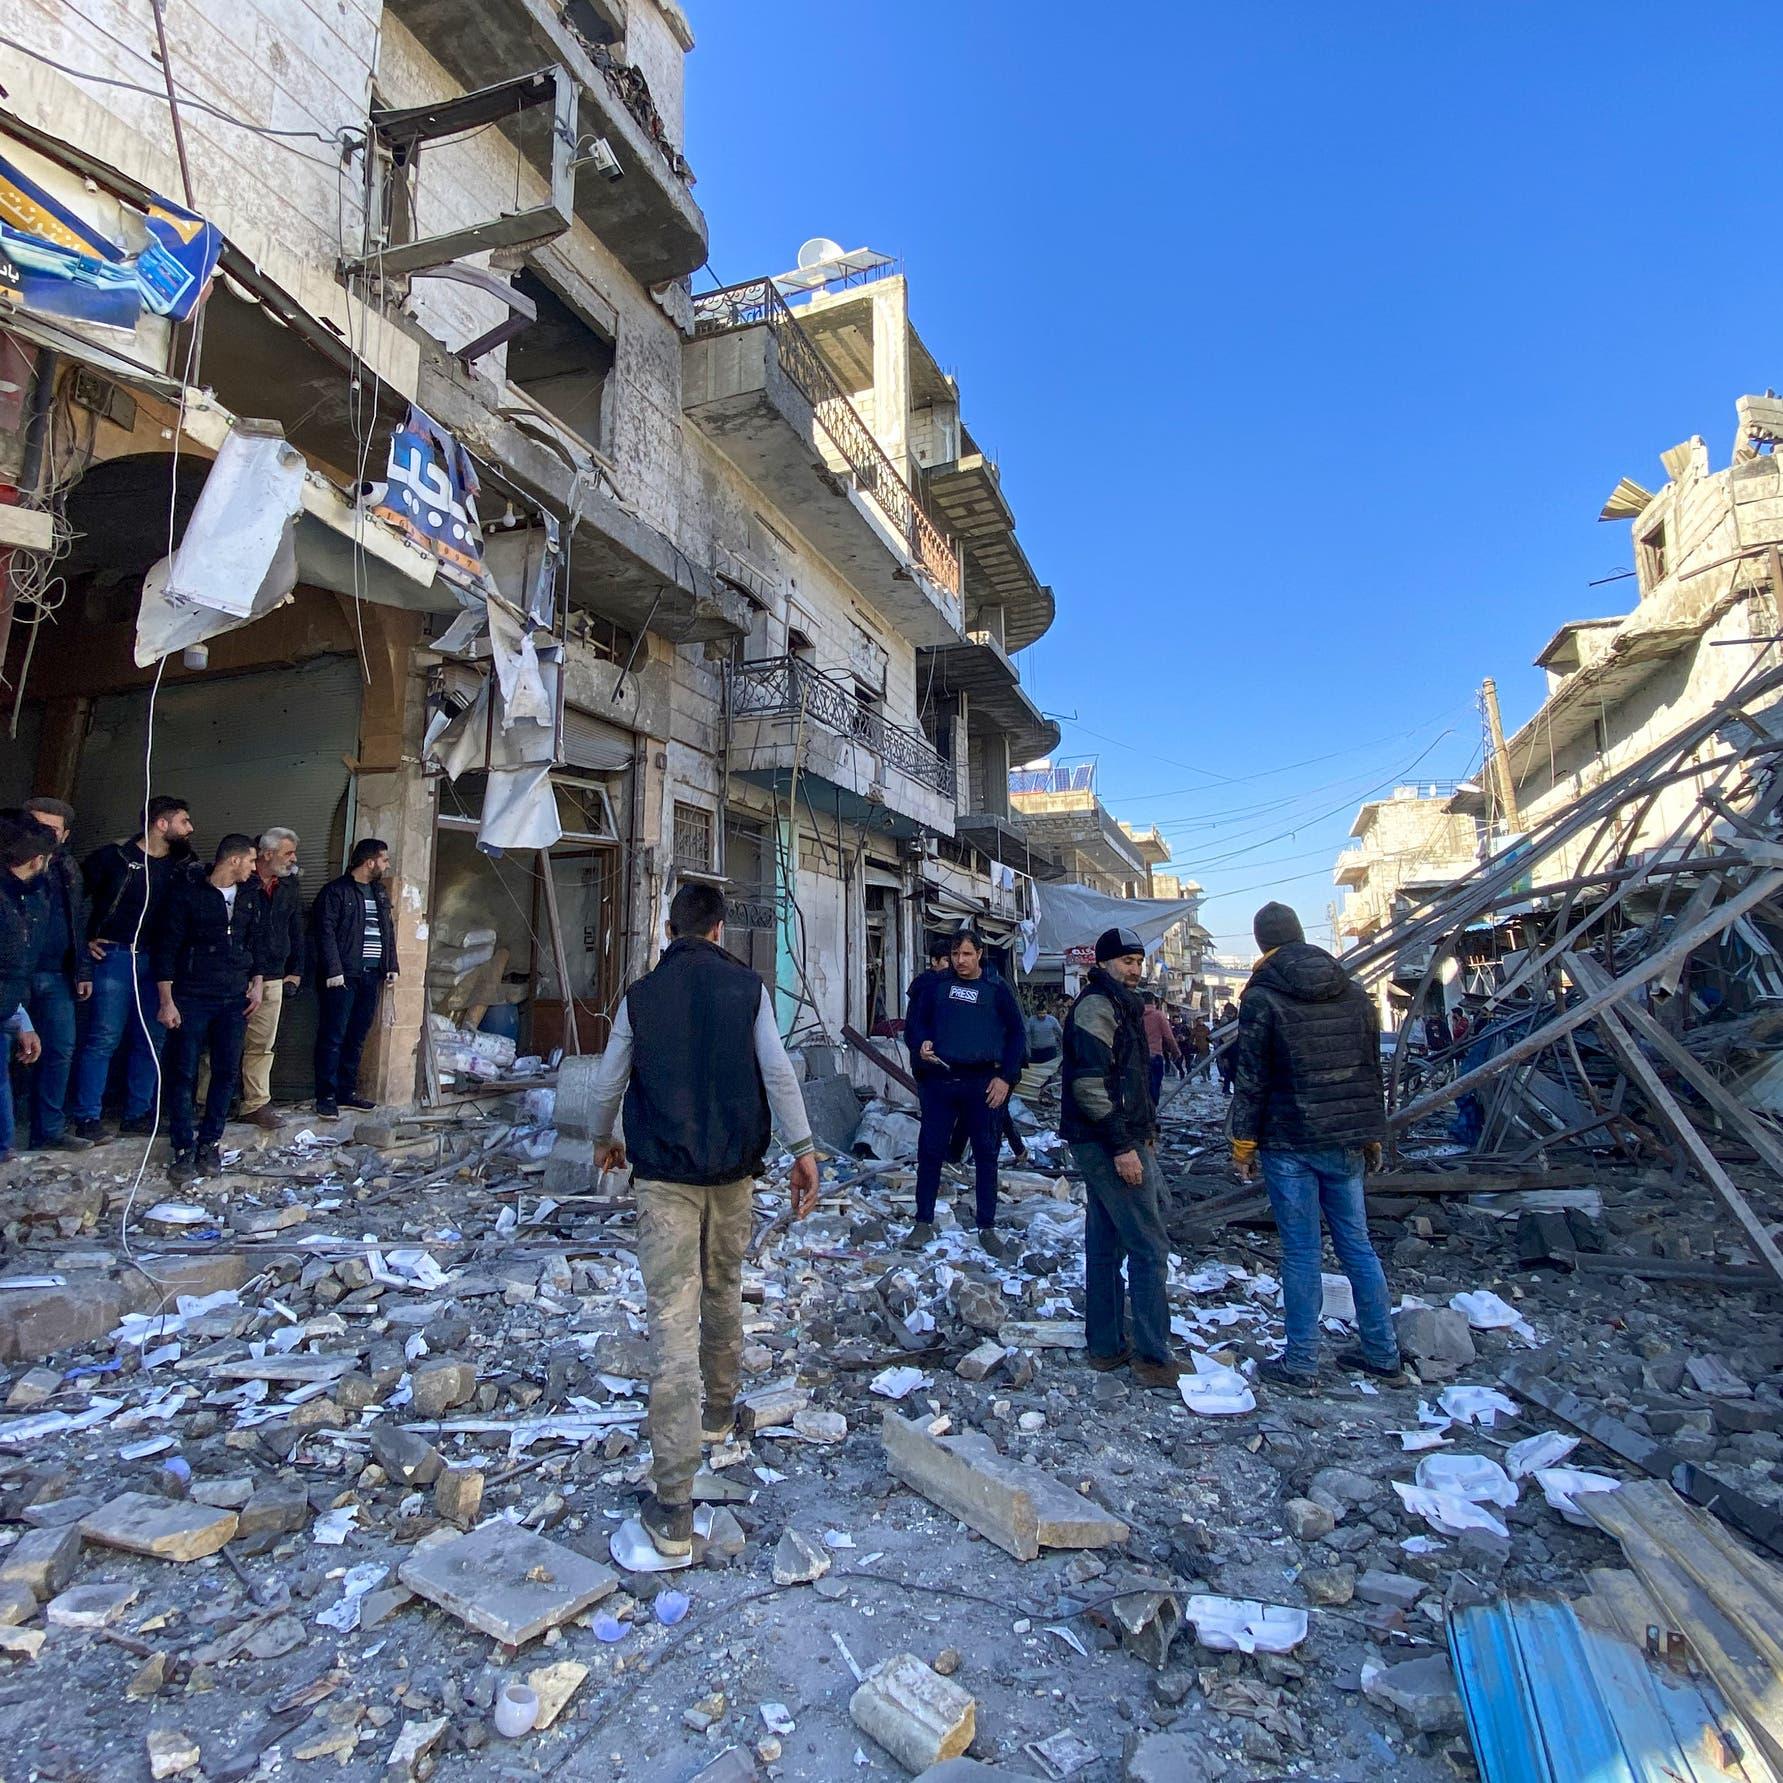 روسيا تعلن عن فتح 3 نقاط جديدة لإجلاء المدنيين عن إدلب